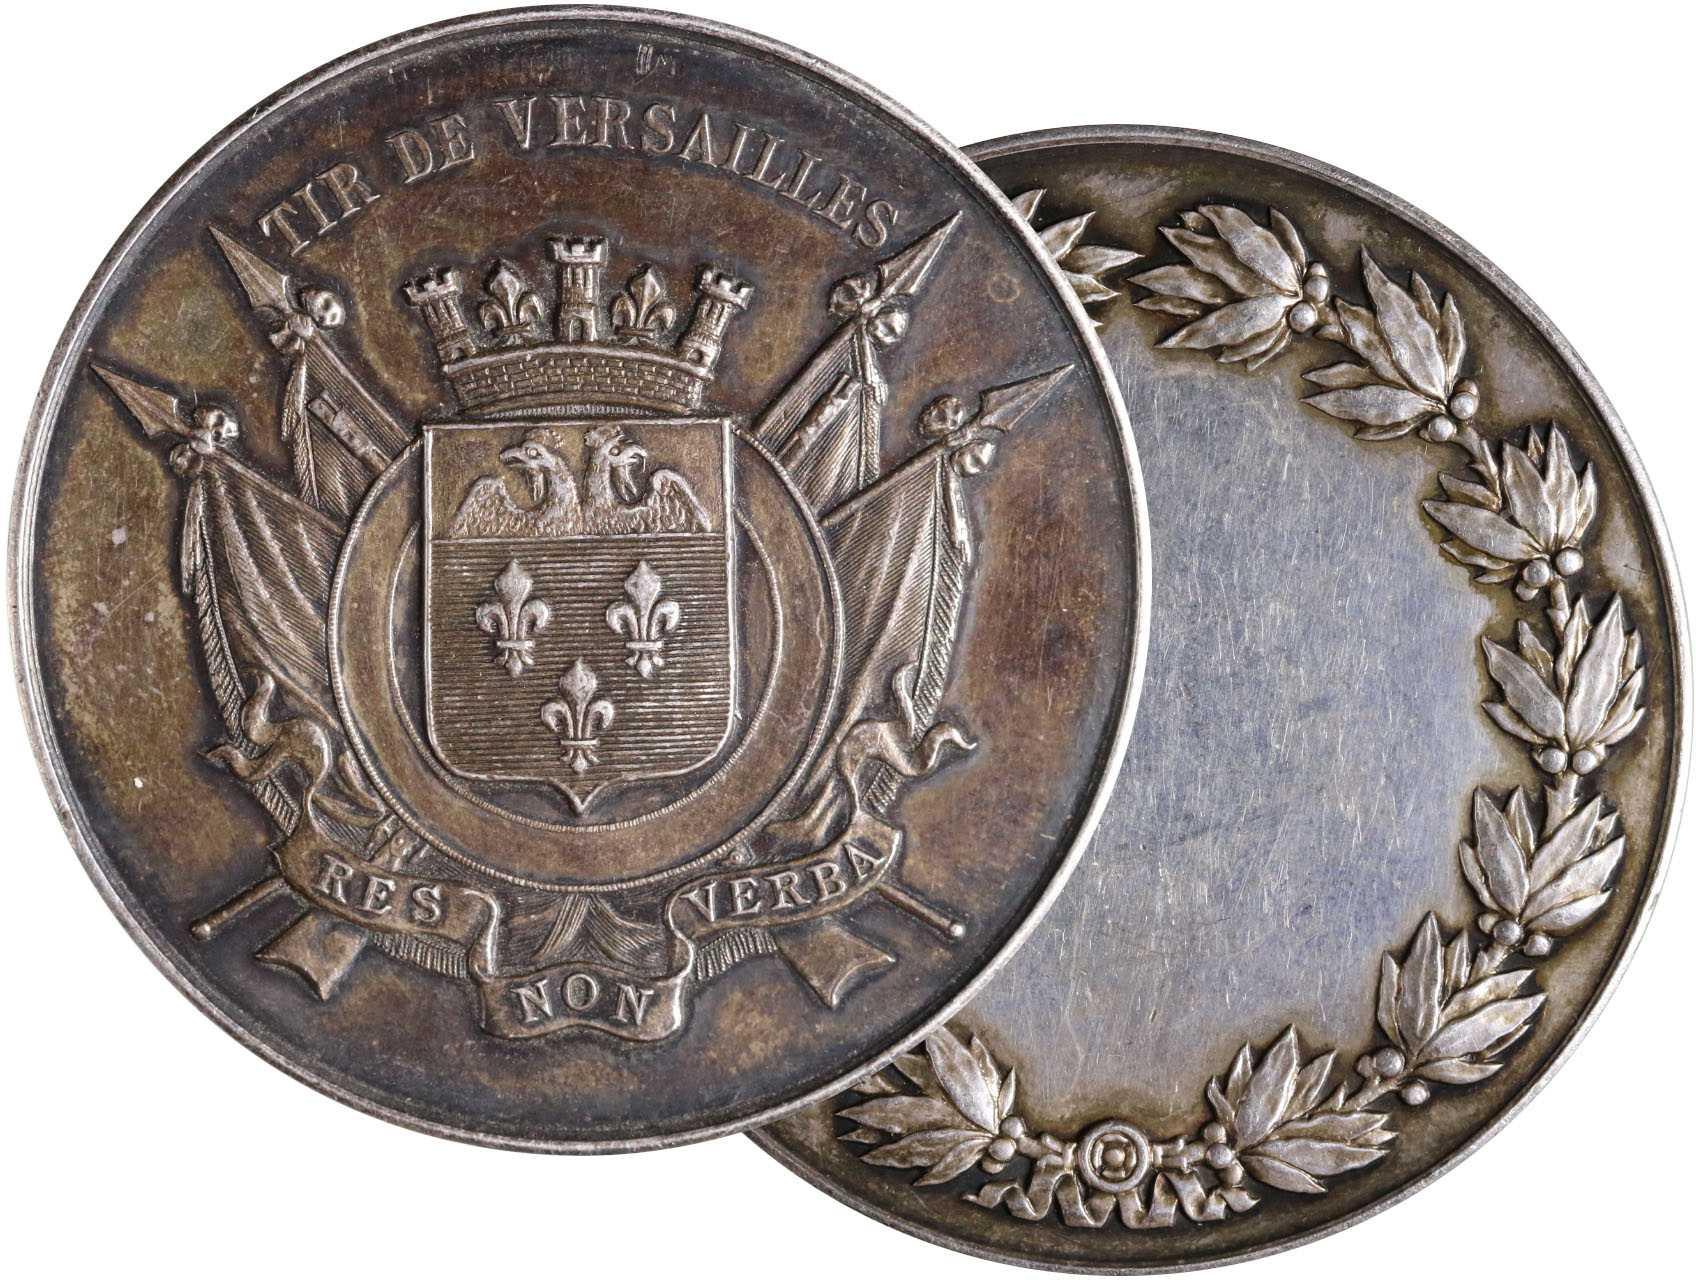 Francie, Ag střelecká medaile 1900 Tir de Versailles, neudělená,